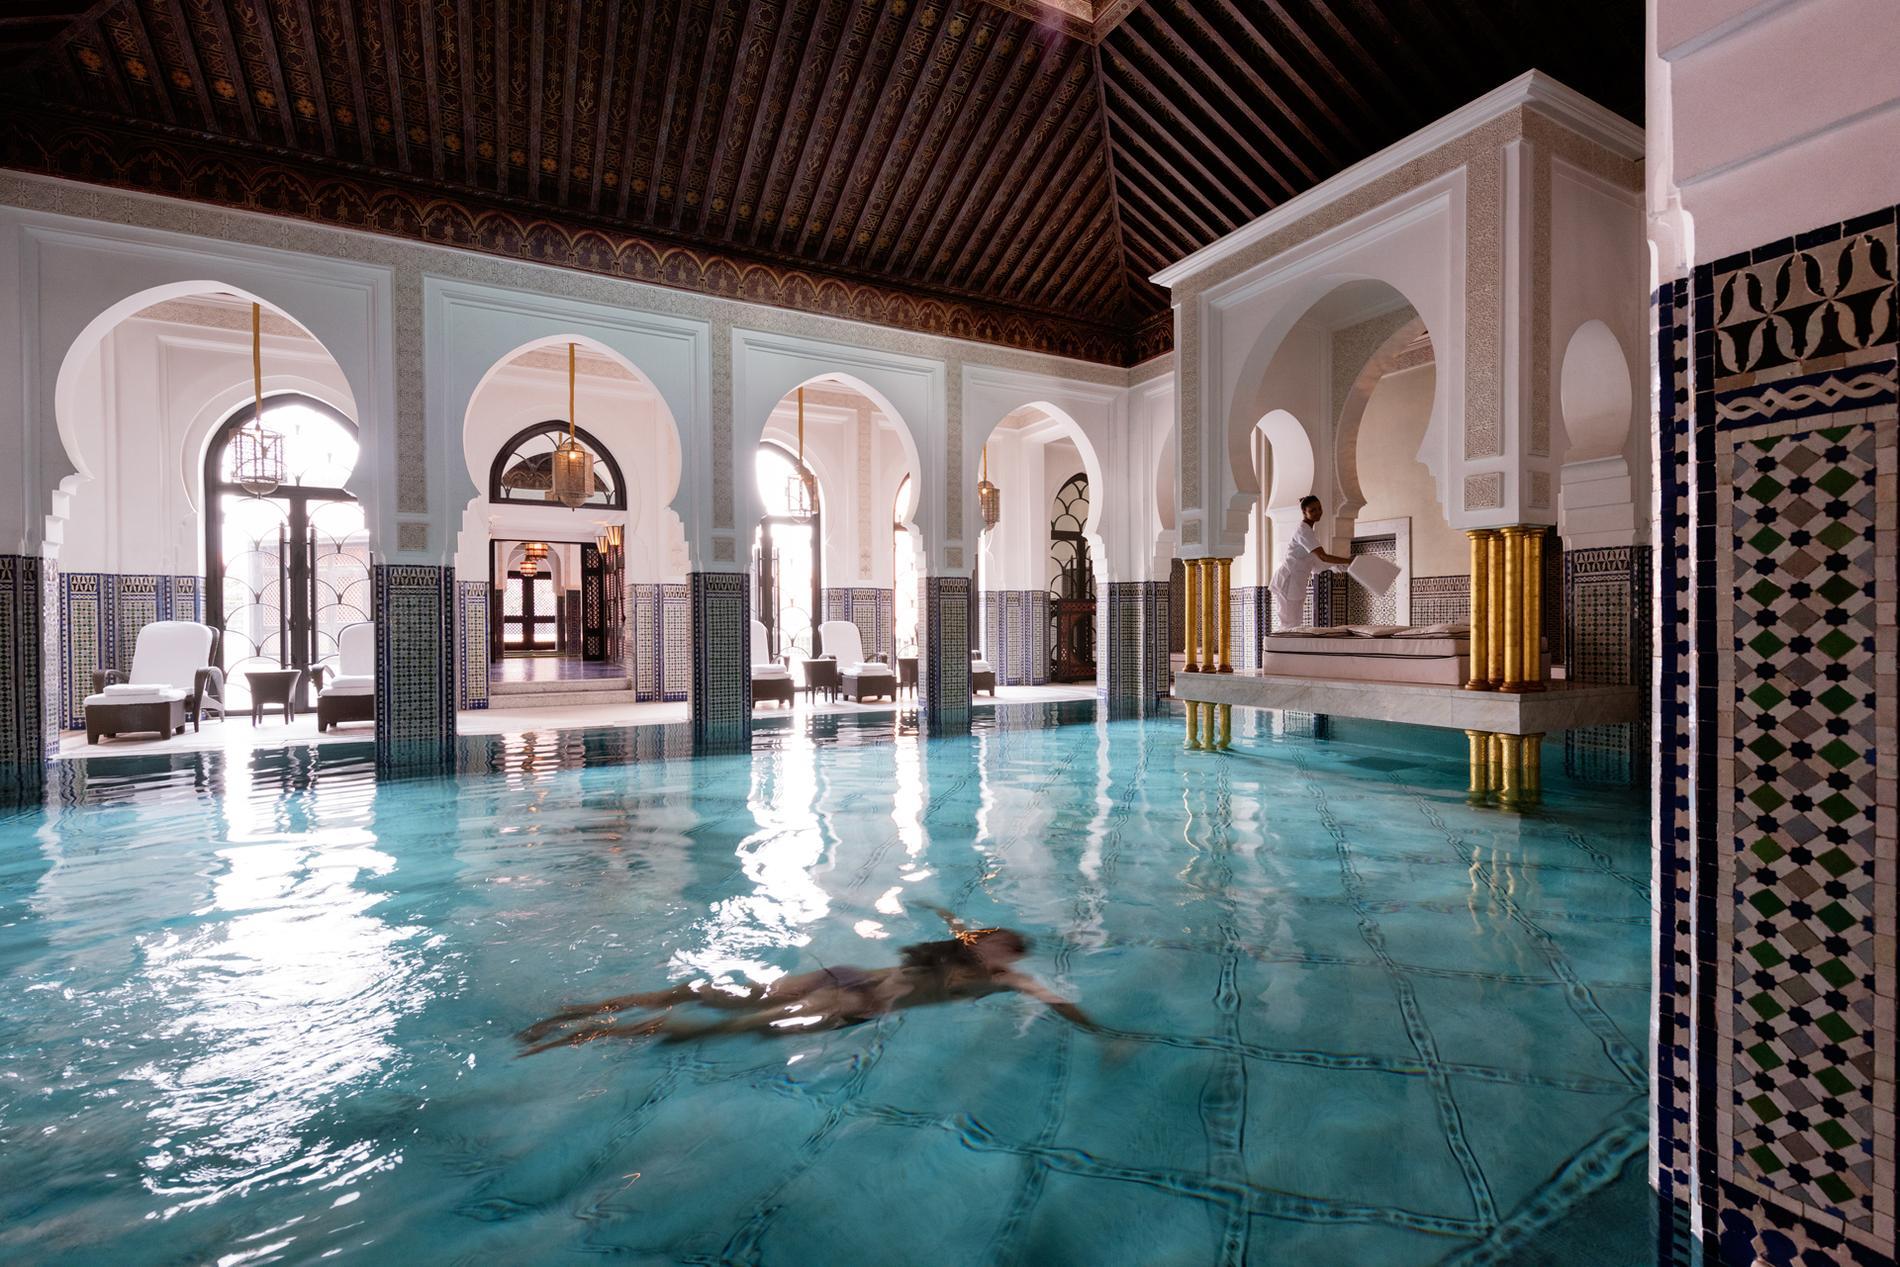 Voyage de noces escapade amoureuse la mamounia de for Bab hotel marrakech piscine